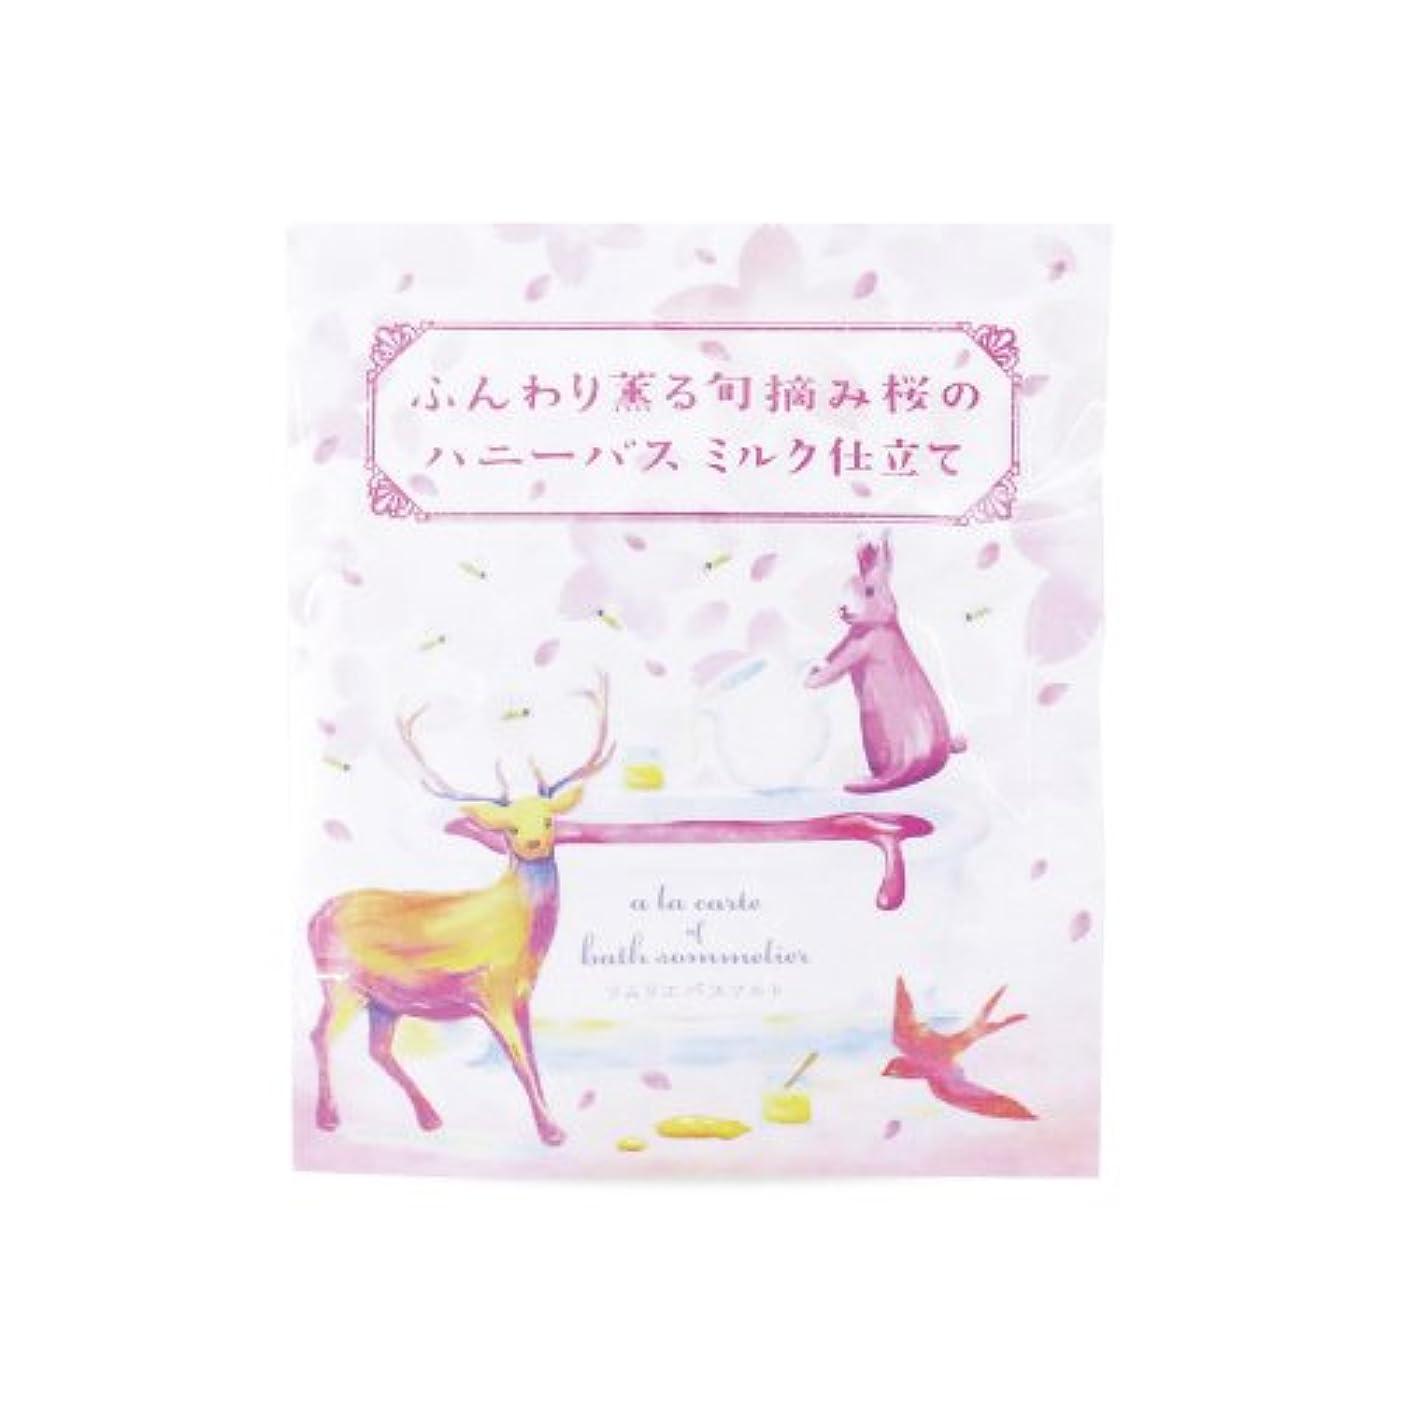 より平らなフレット三十チャーリー ソムリエバスソルト 旬摘み桜のハニーバスミルク仕立て